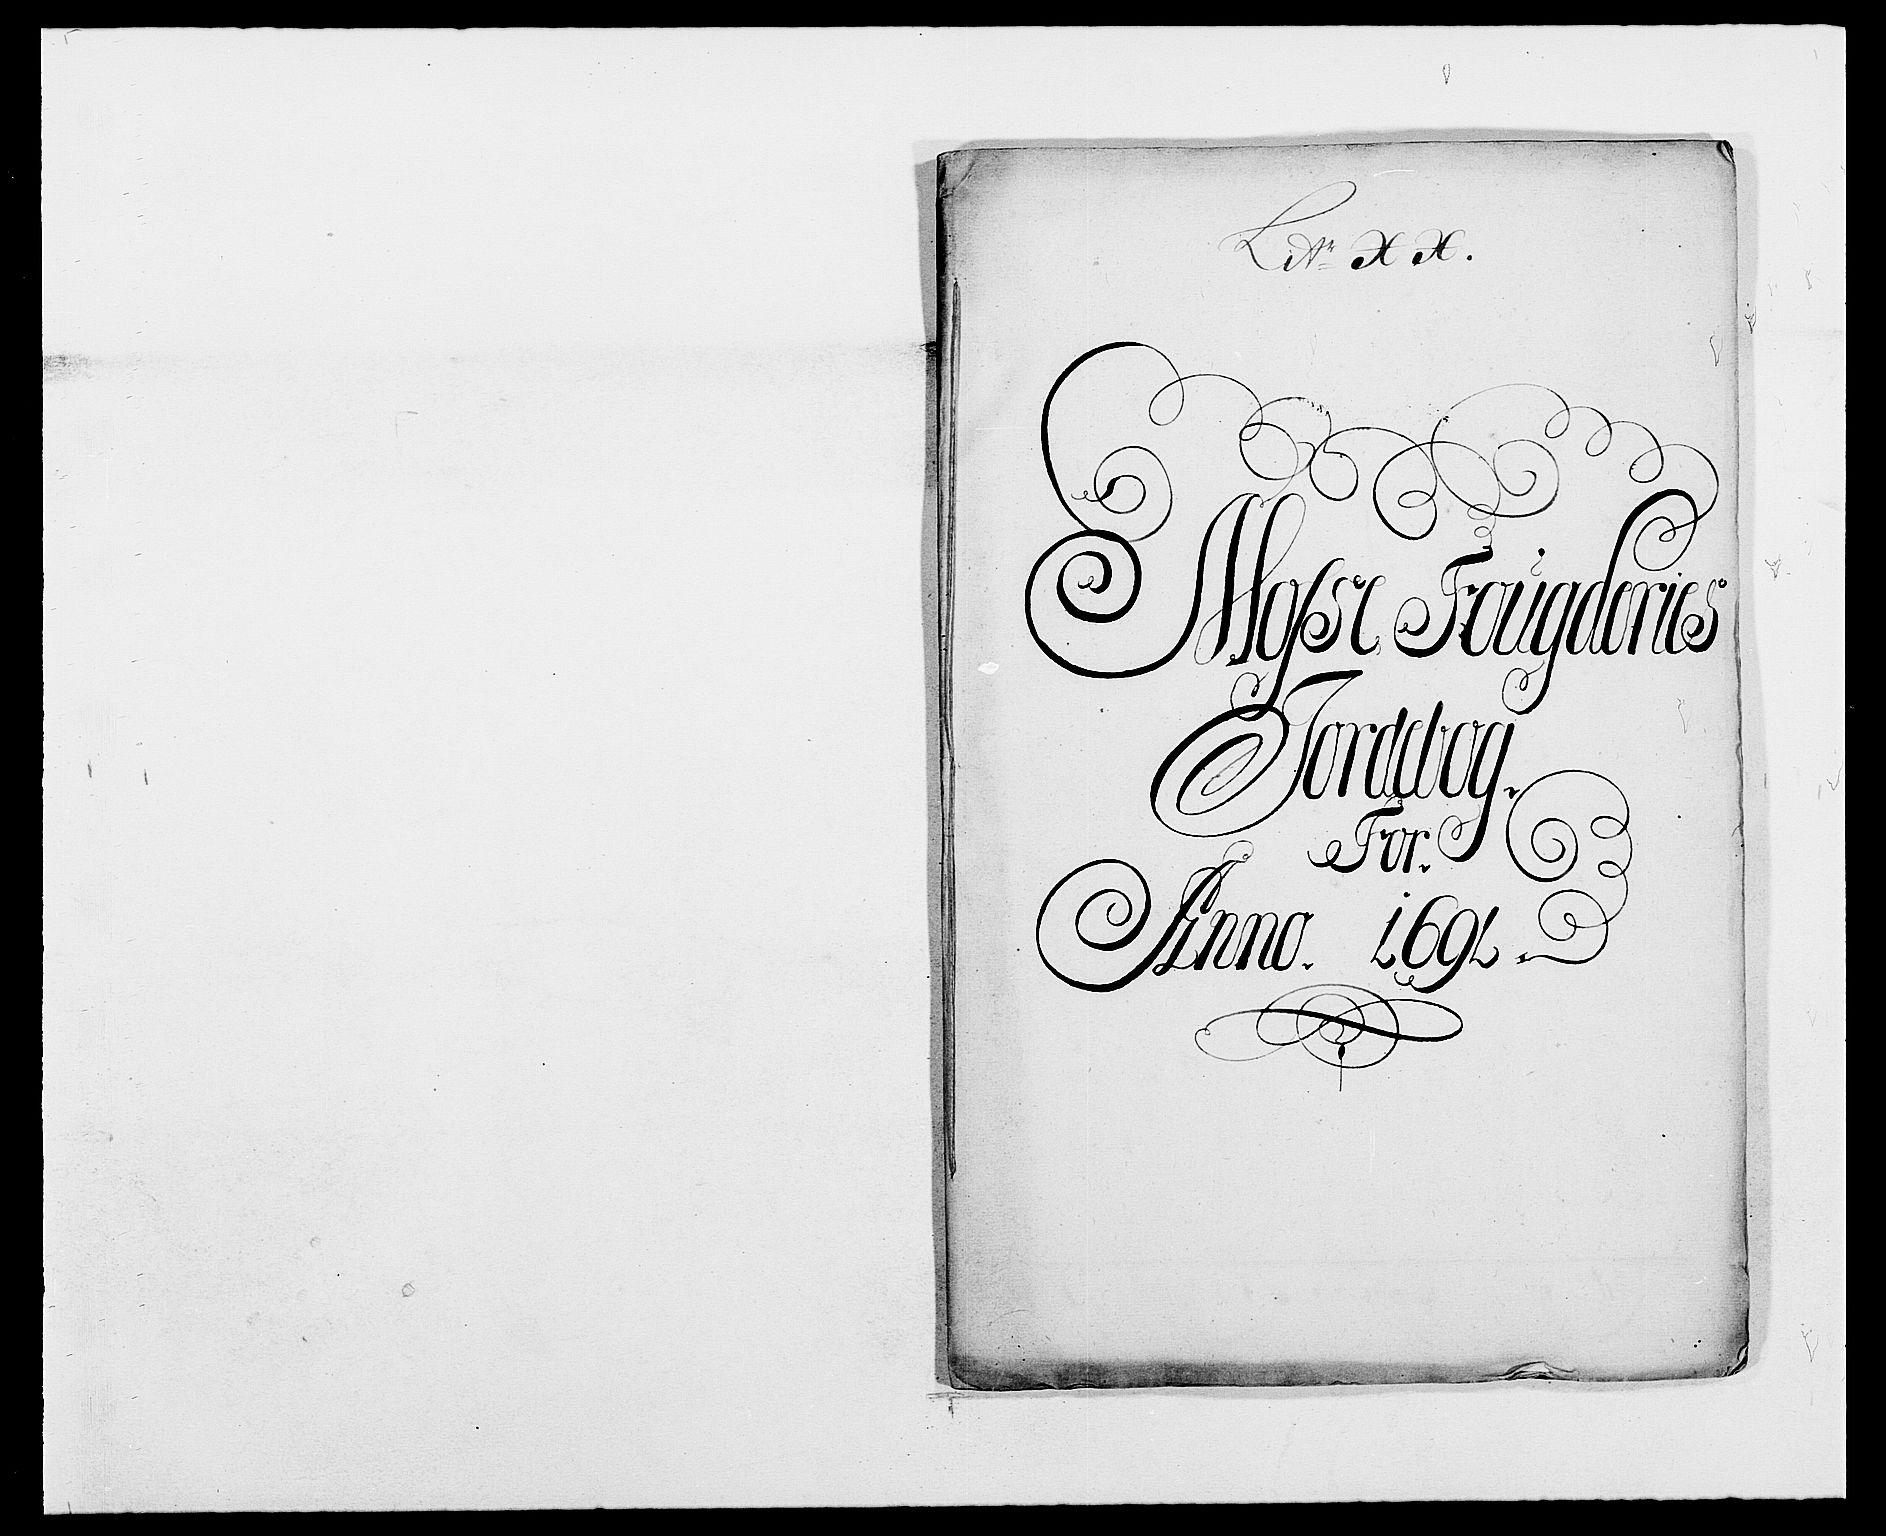 RA, Rentekammeret inntil 1814, Reviderte regnskaper, Fogderegnskap, R02/L0106: Fogderegnskap Moss og Verne kloster, 1688-1691, s. 440